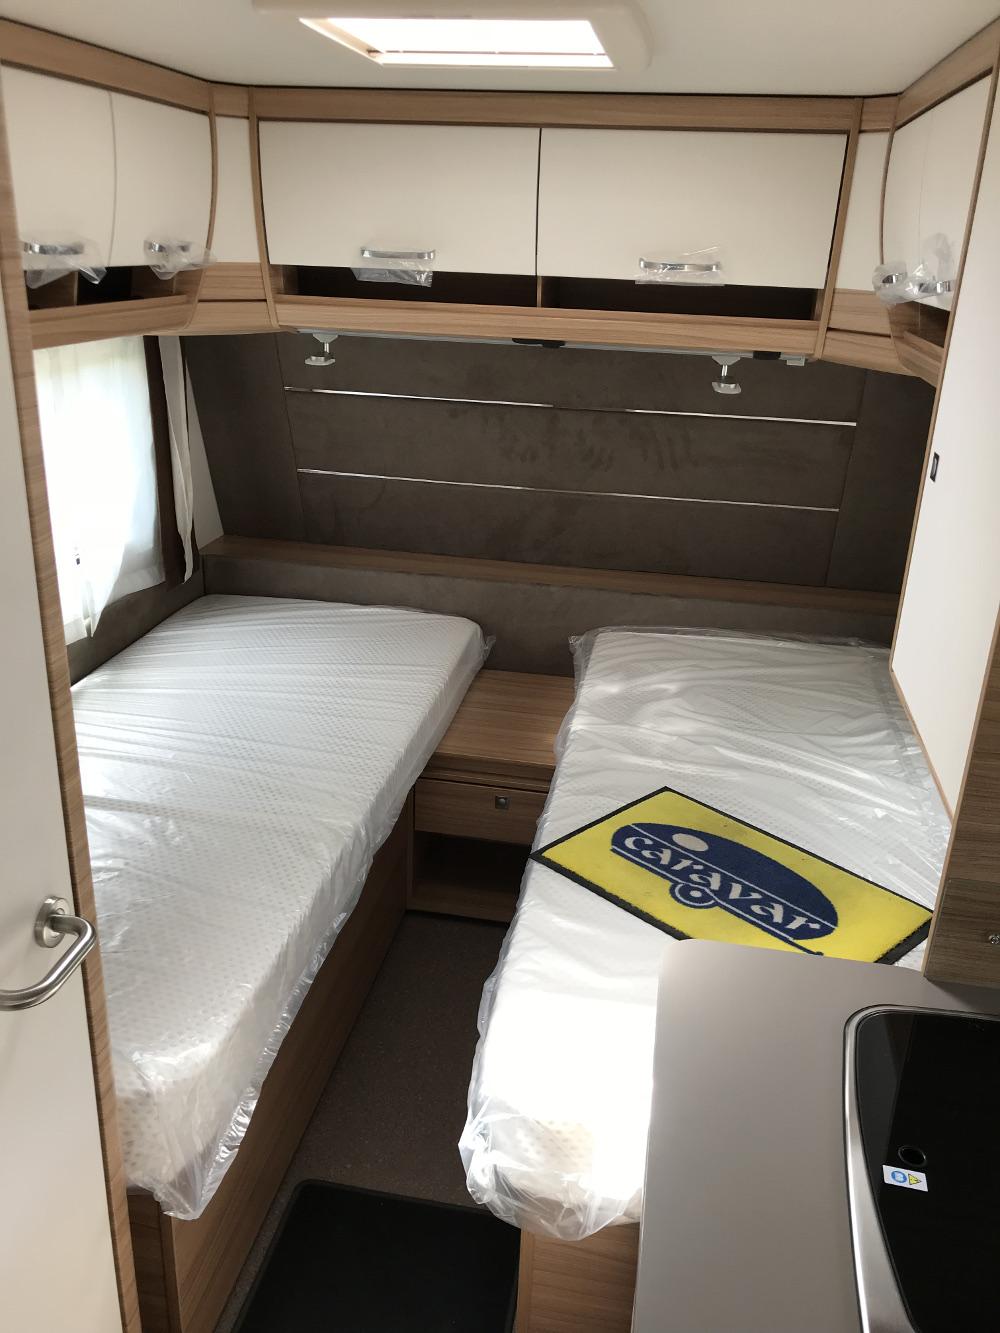 dethleffs camper 460 el caravar (5)